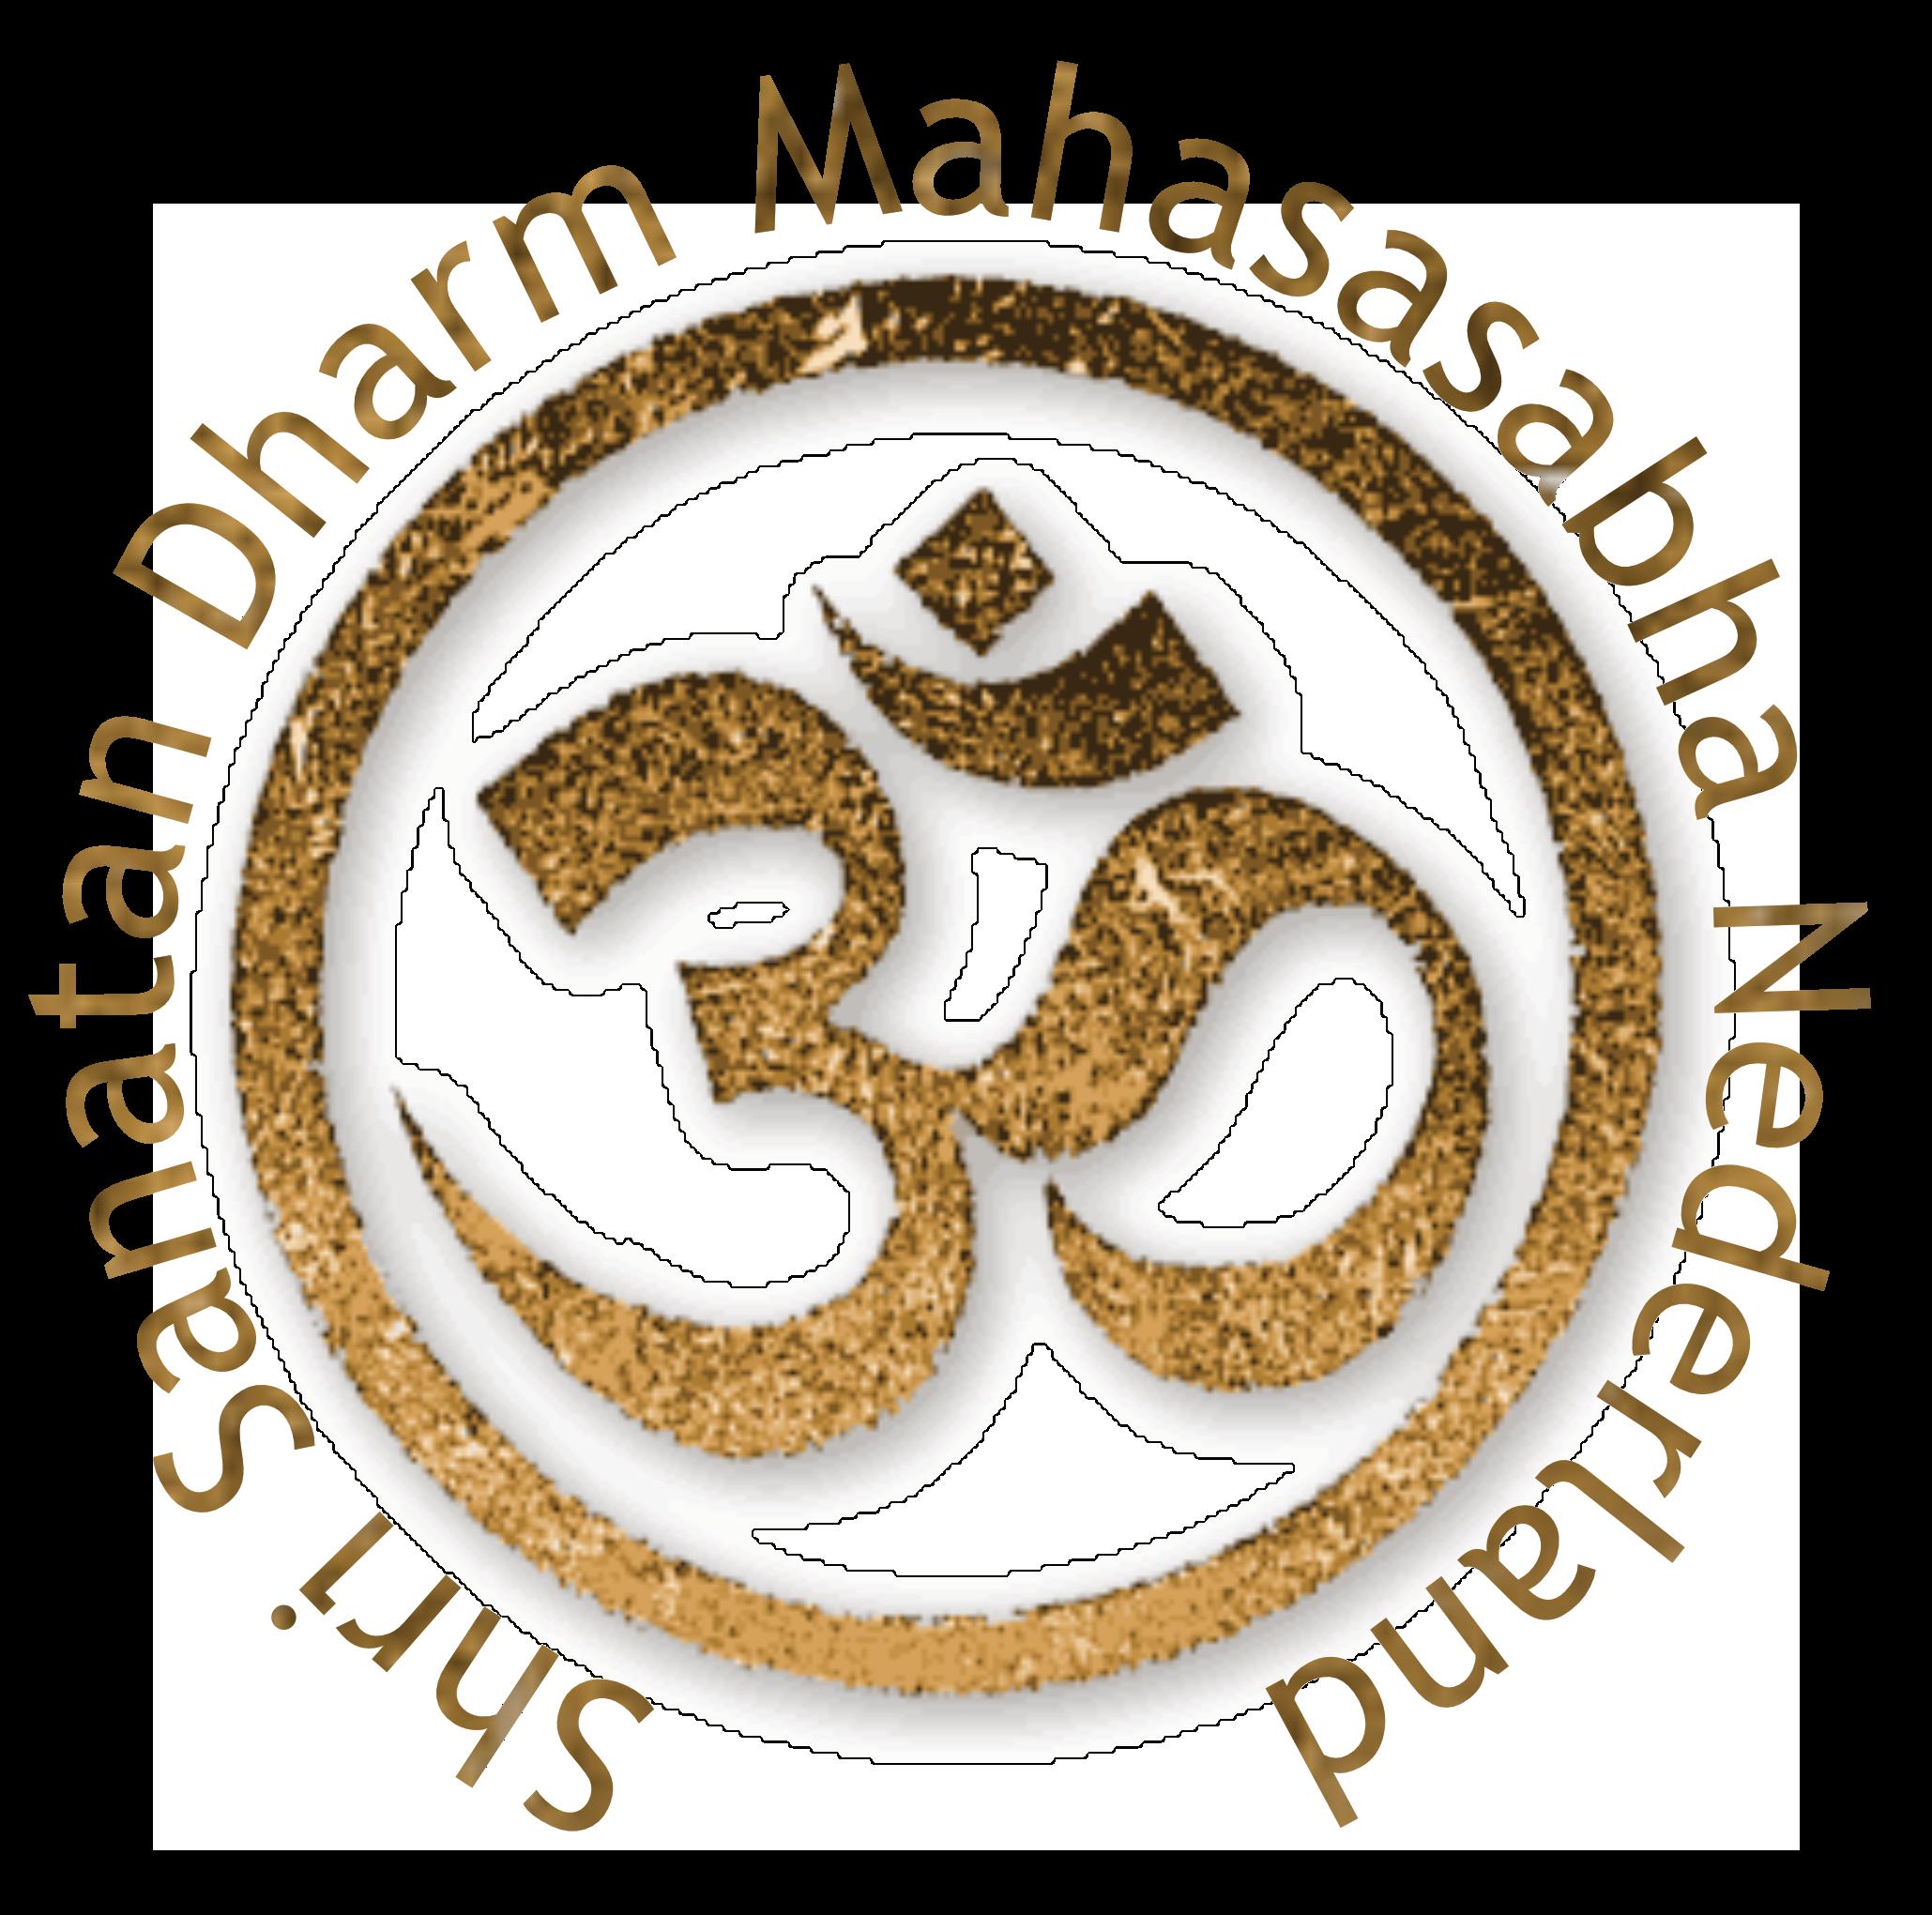 Shri Sanatan Dharm Mahasabha Nederland